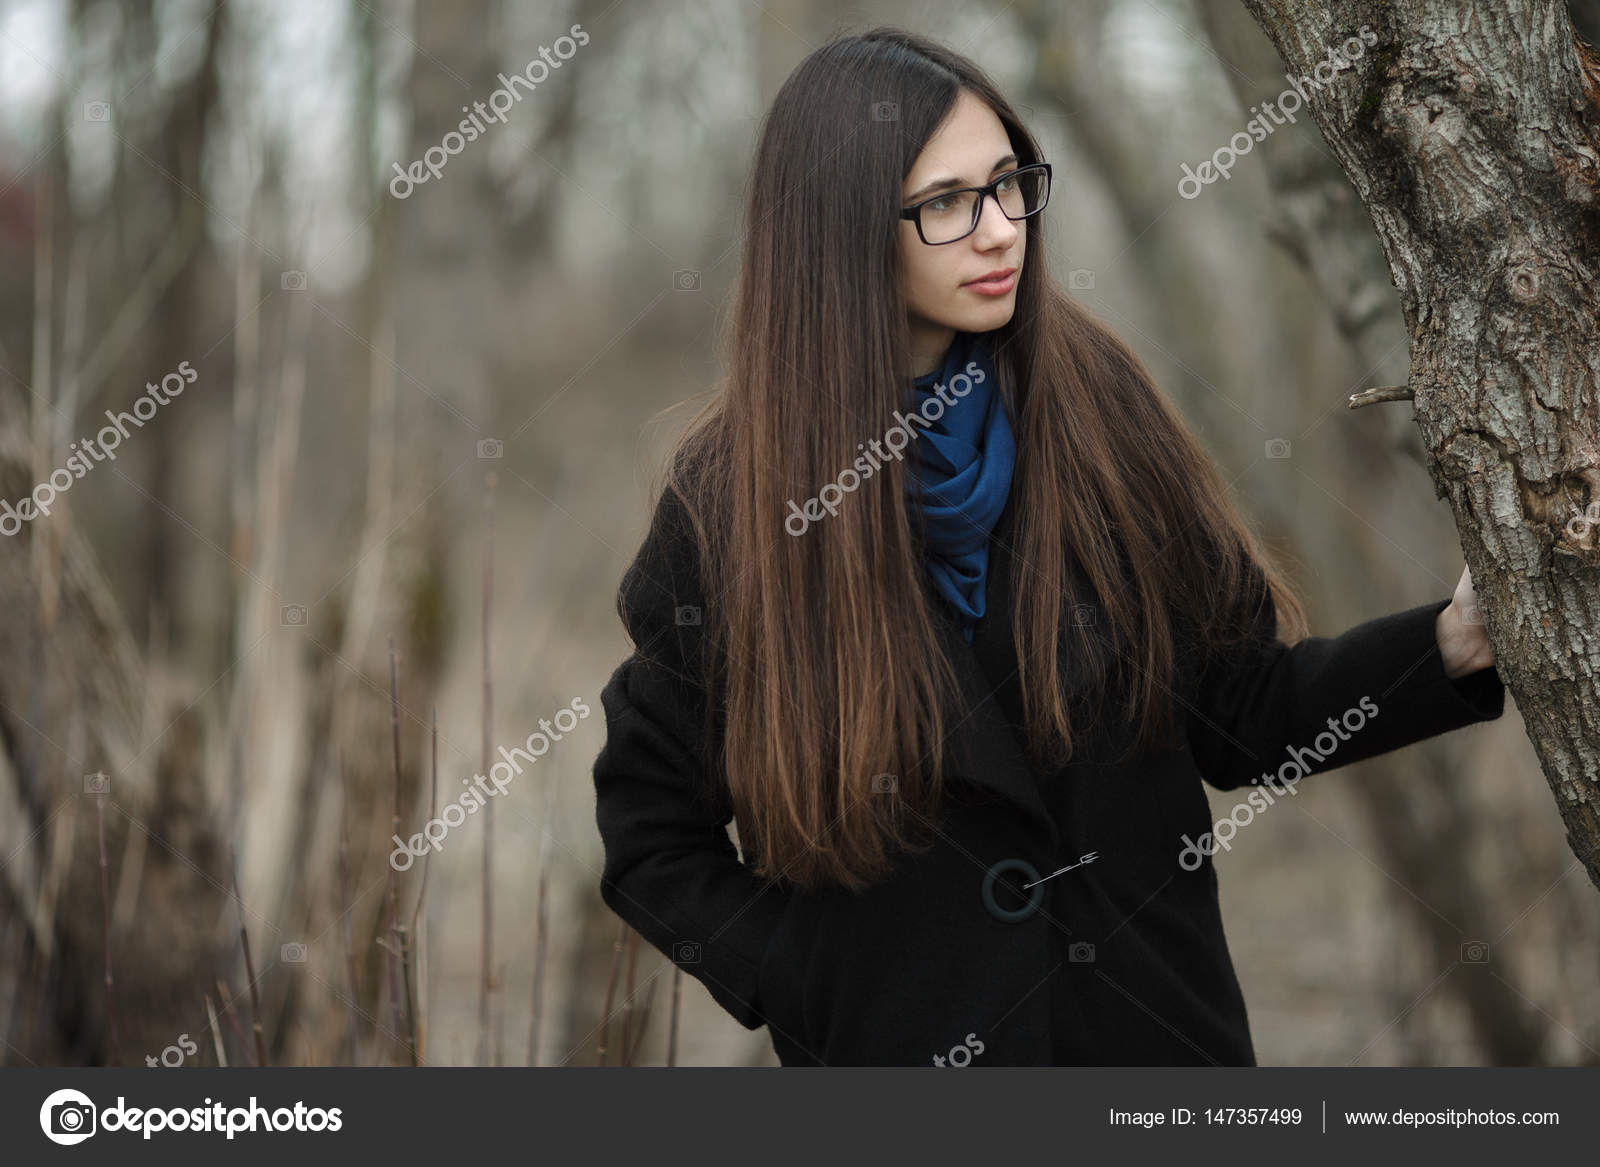 Junge Schone Madchen In Einem Schwarzen Mantel Blauen Schal Brille